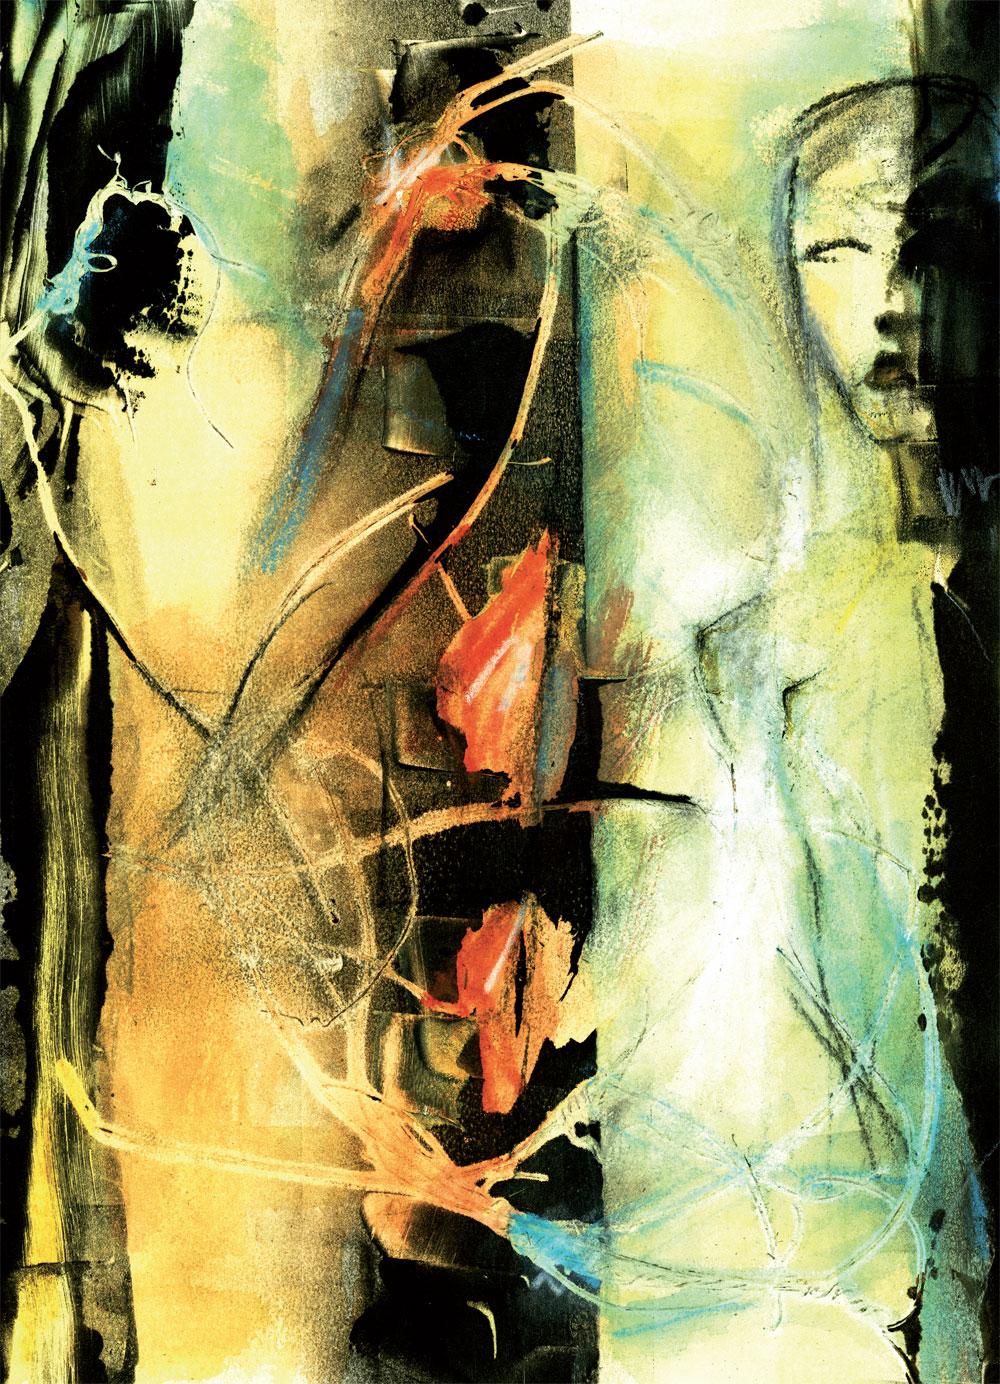 T'es belle, 2009, Monotype, 8.5 x 1